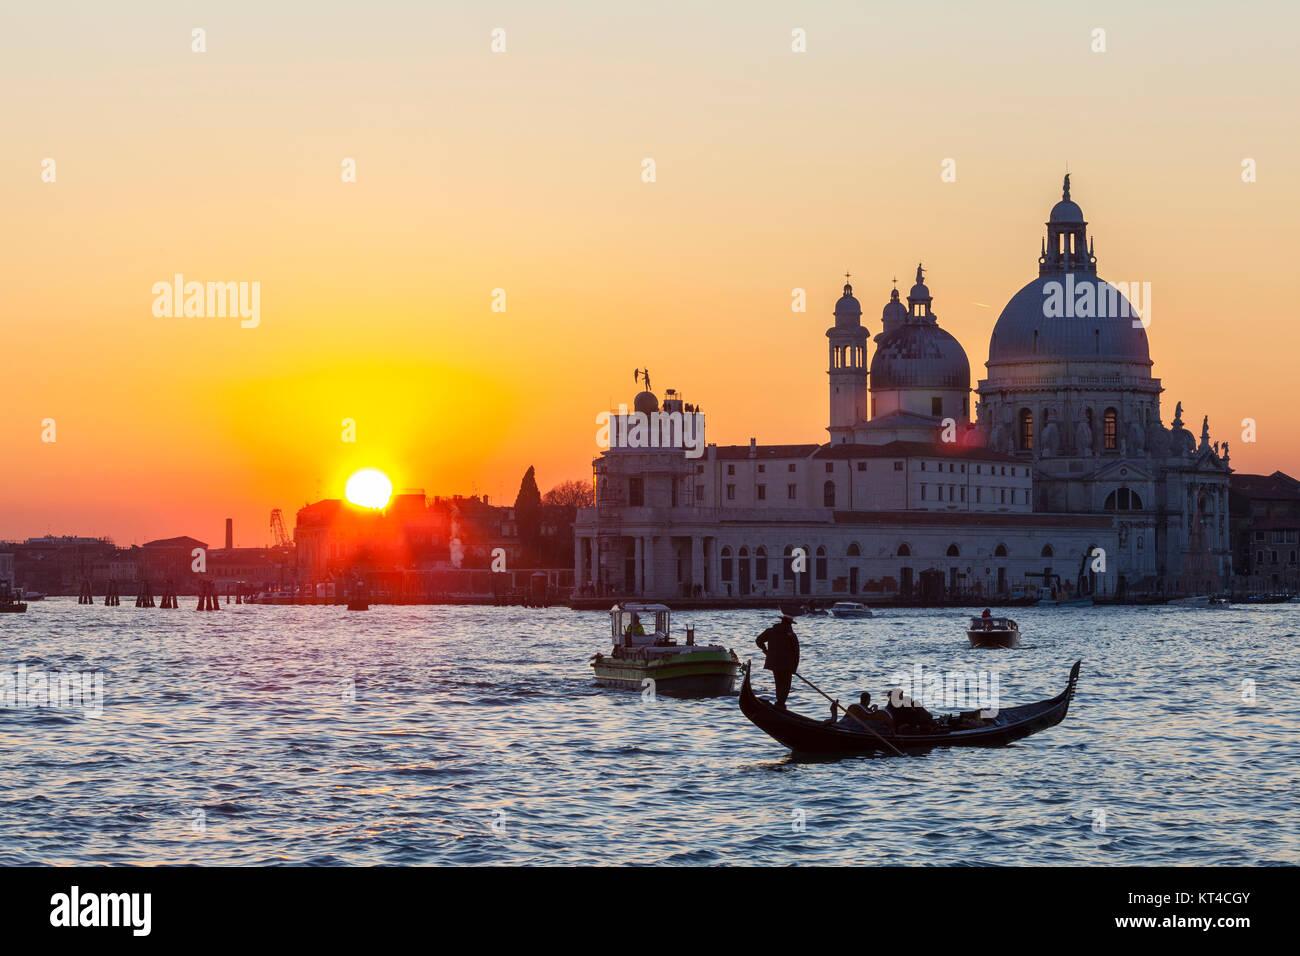 Bunte orange Sonnenuntergang über der Lagune von Venedig und der Basilika di Santa Maria della Salute mit Booten Stockbild